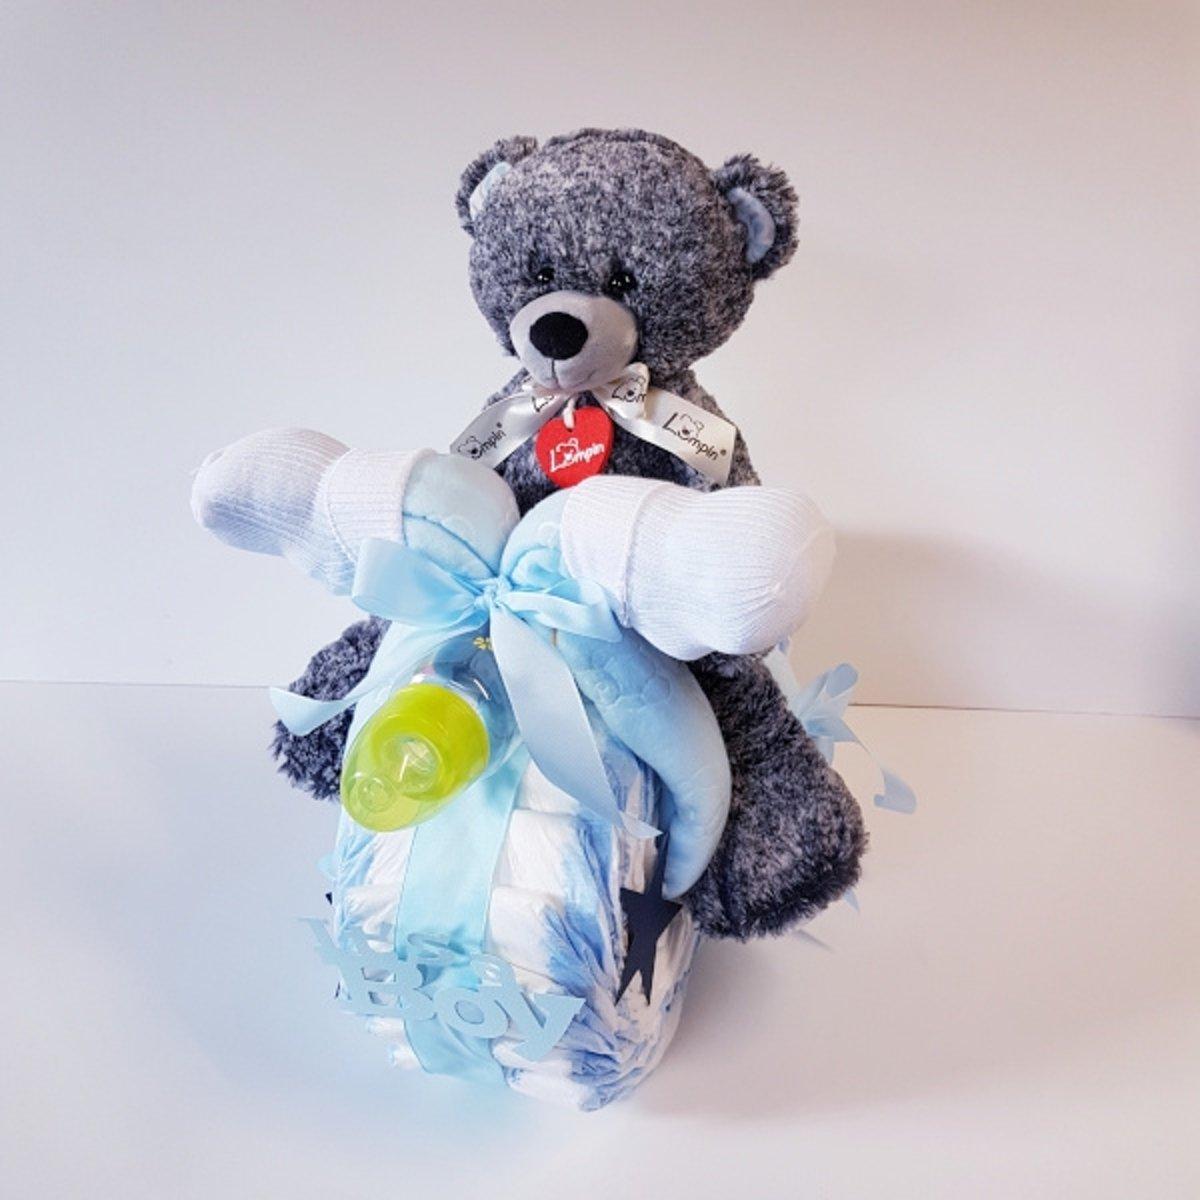 Orgineel Kraamcadeau Motor Jongen | Kraamcadeau | Kraampakket | Baby Cadeau